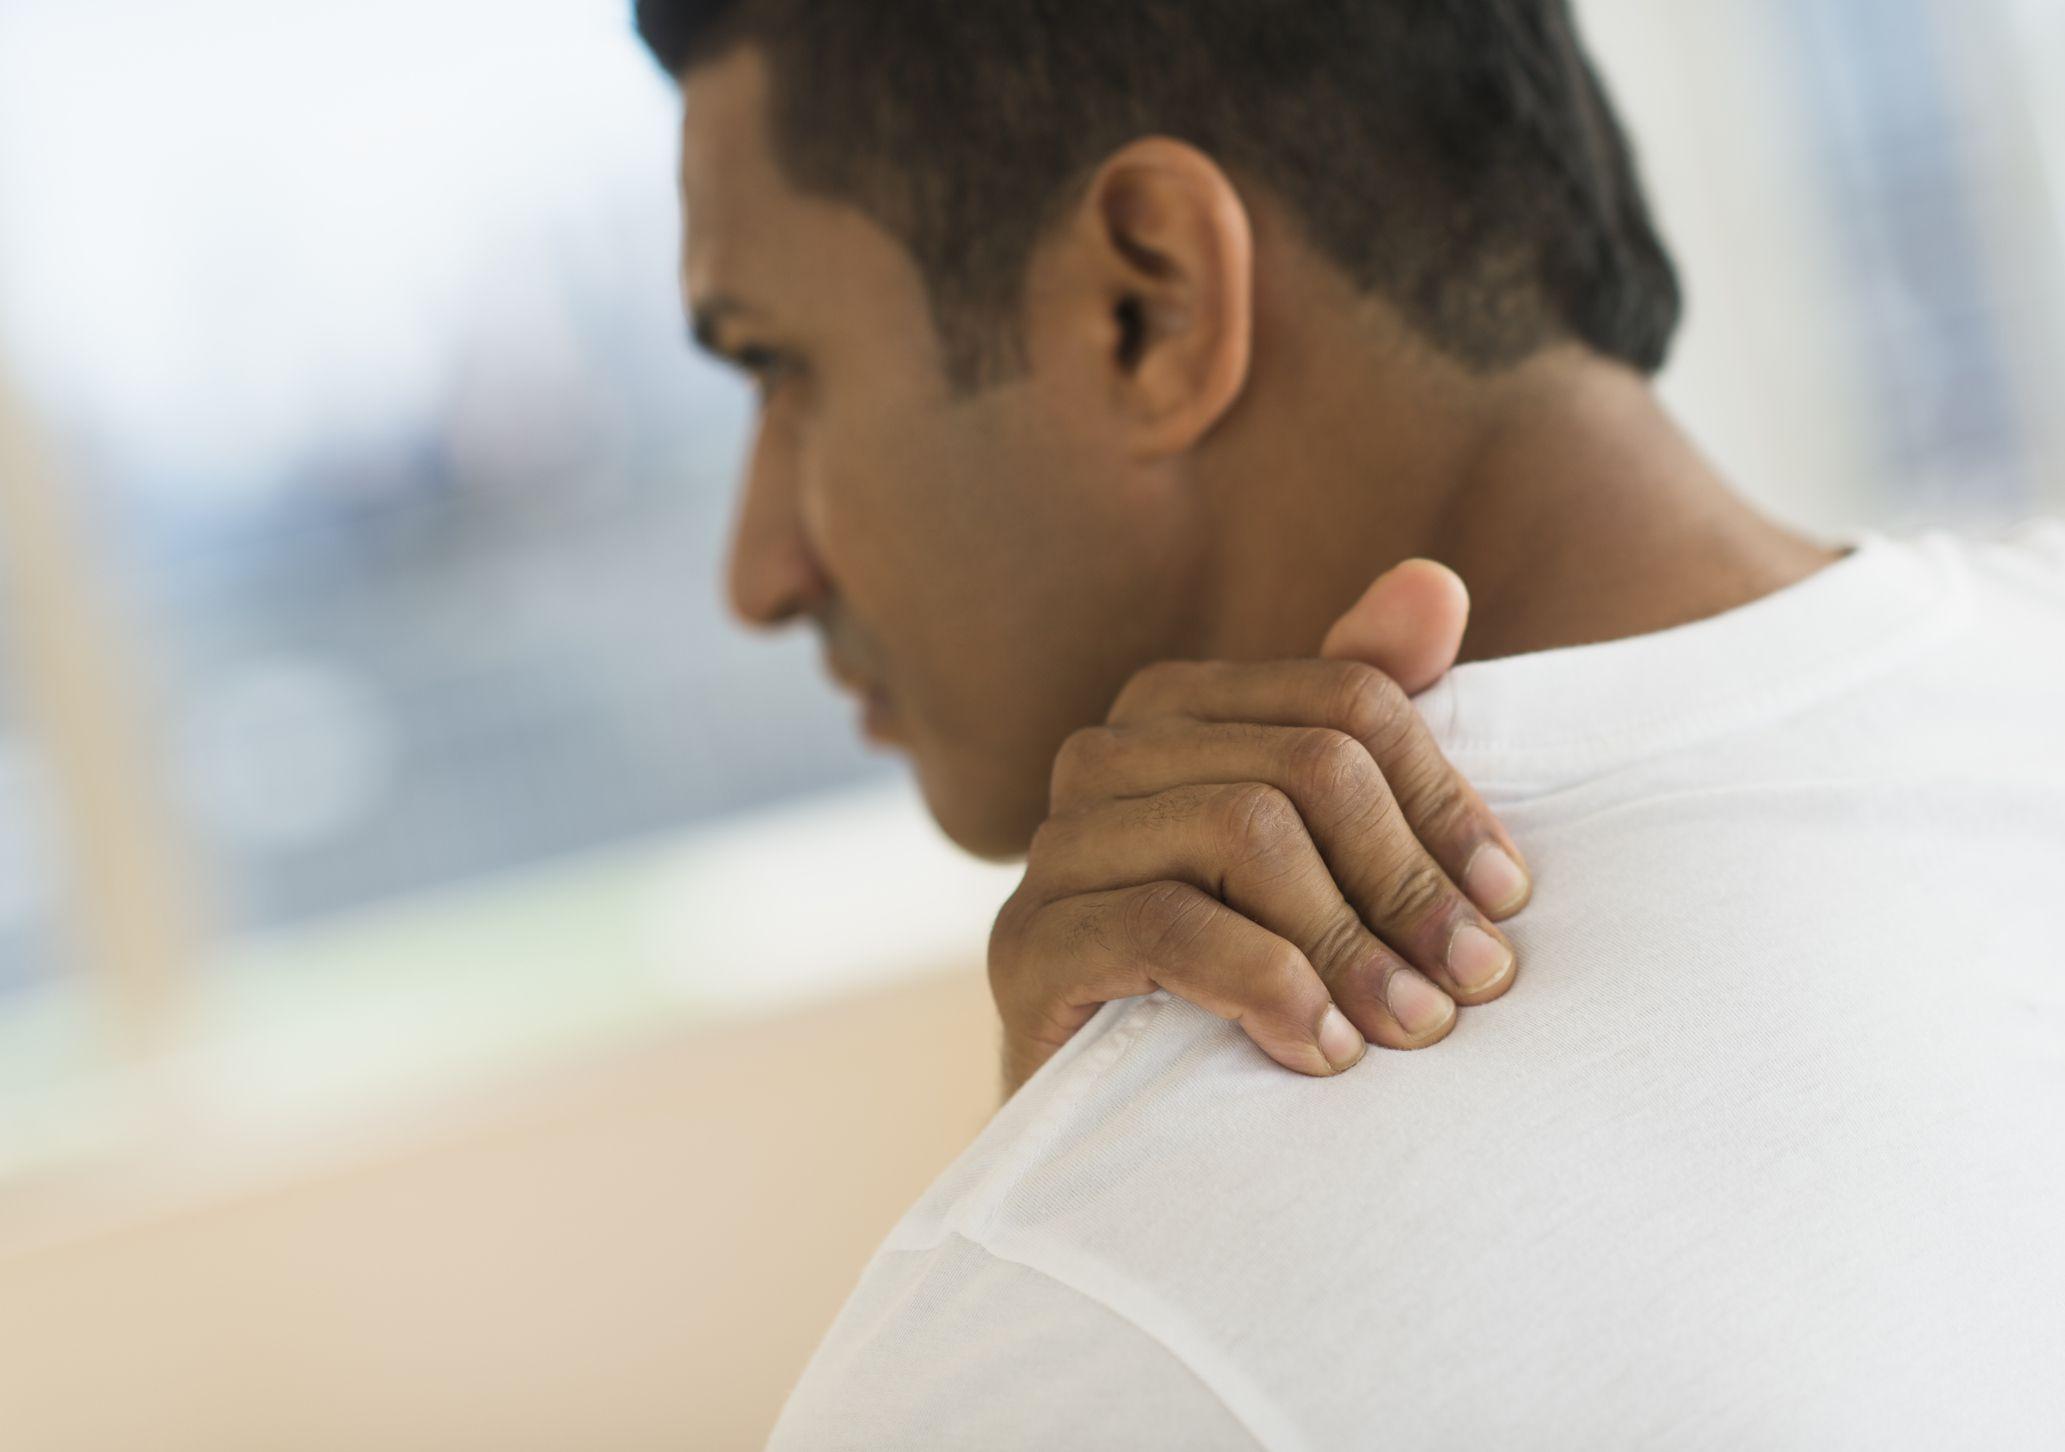 man rubbing his shoulder